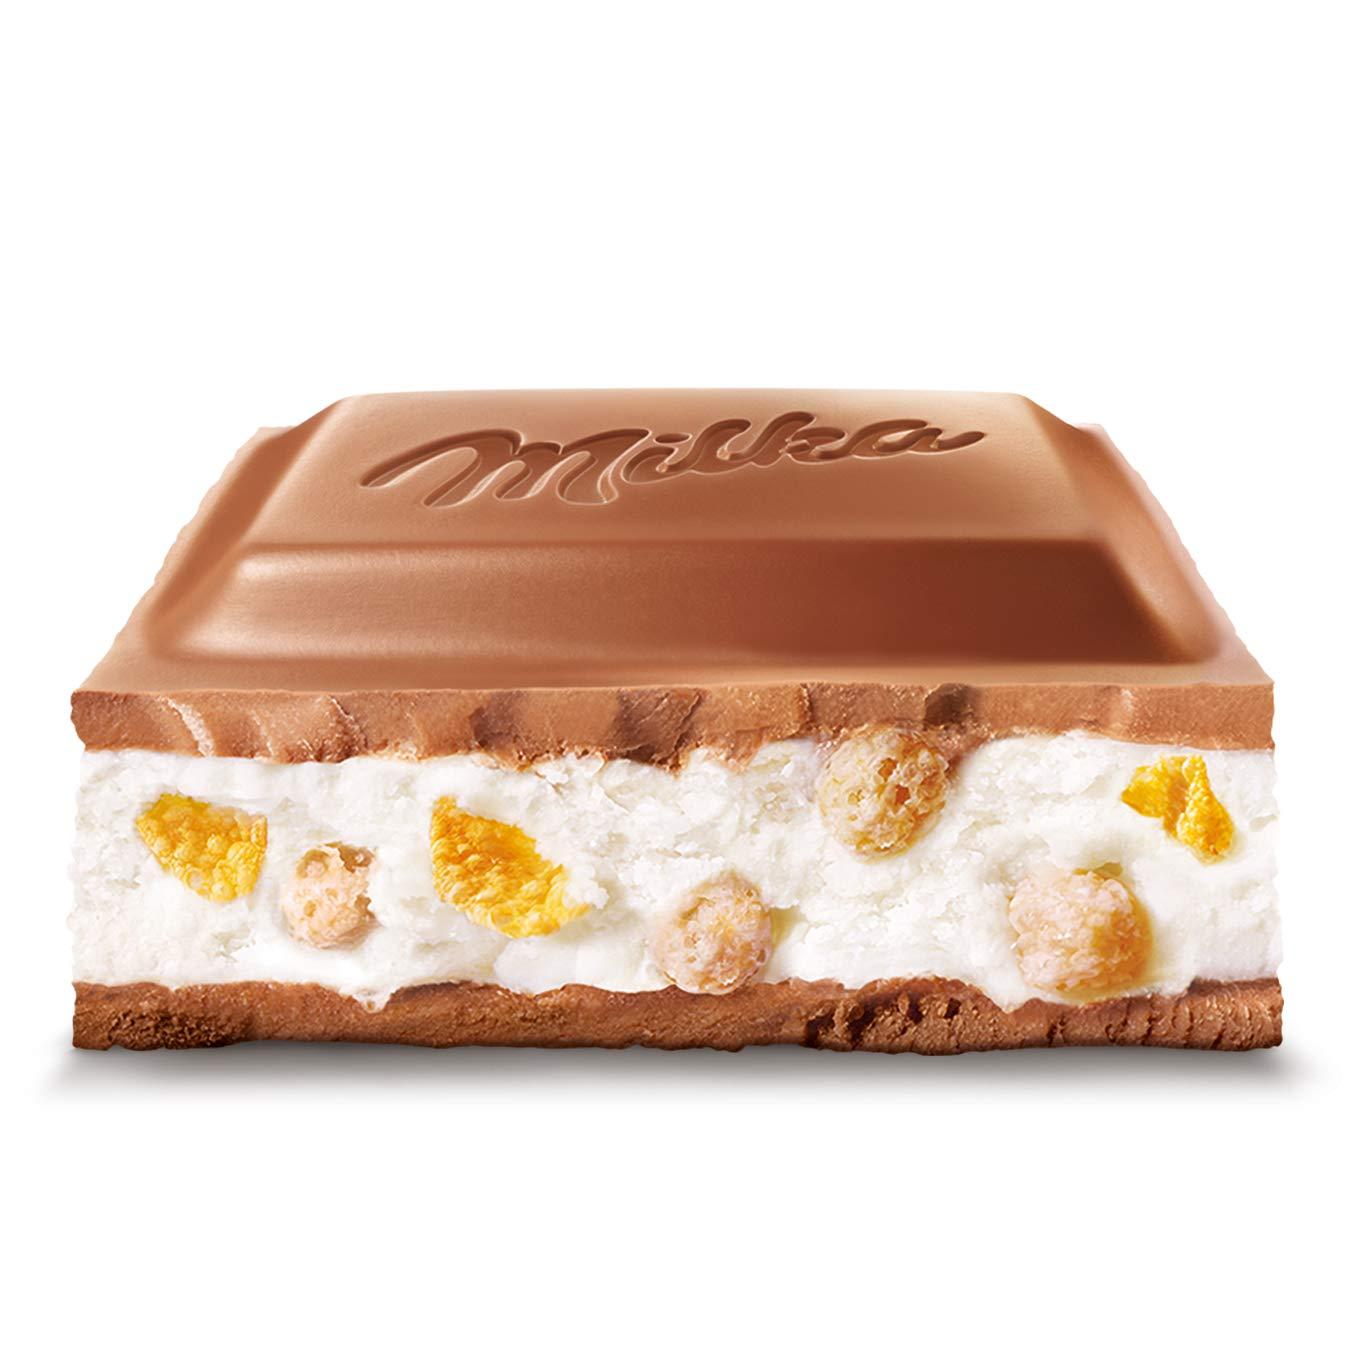 Milka Crispy de yogur, 4 unidades (4 x 300 g): Amazon.es: Alimentación y bebidas